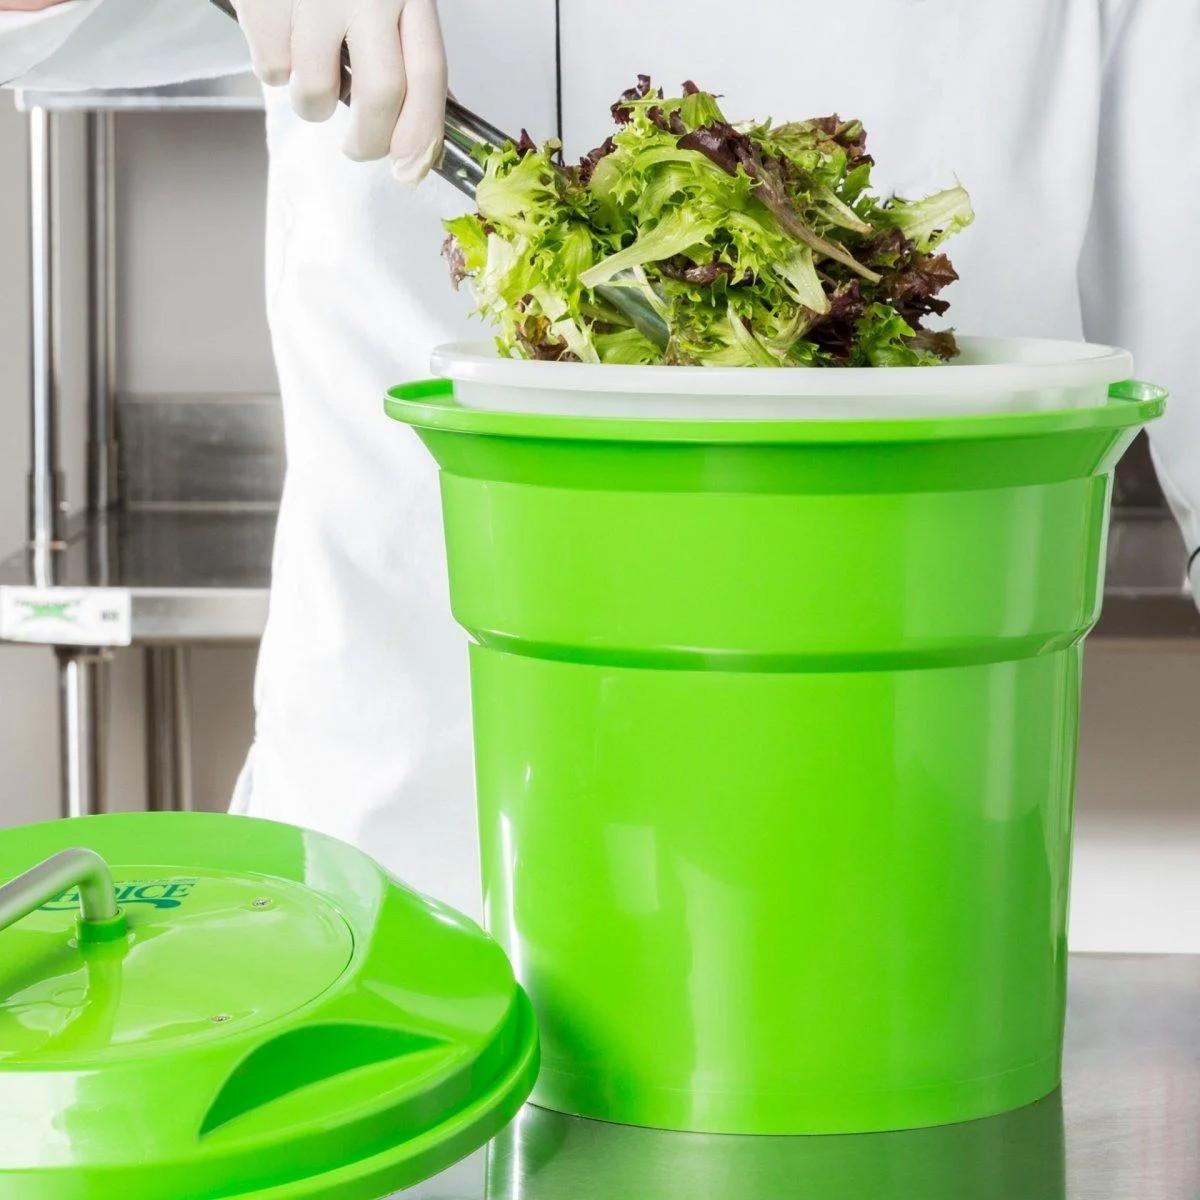 Велика центрифуга для сушіння зелені і салатів 20 л для ресторанів HLS (7967)